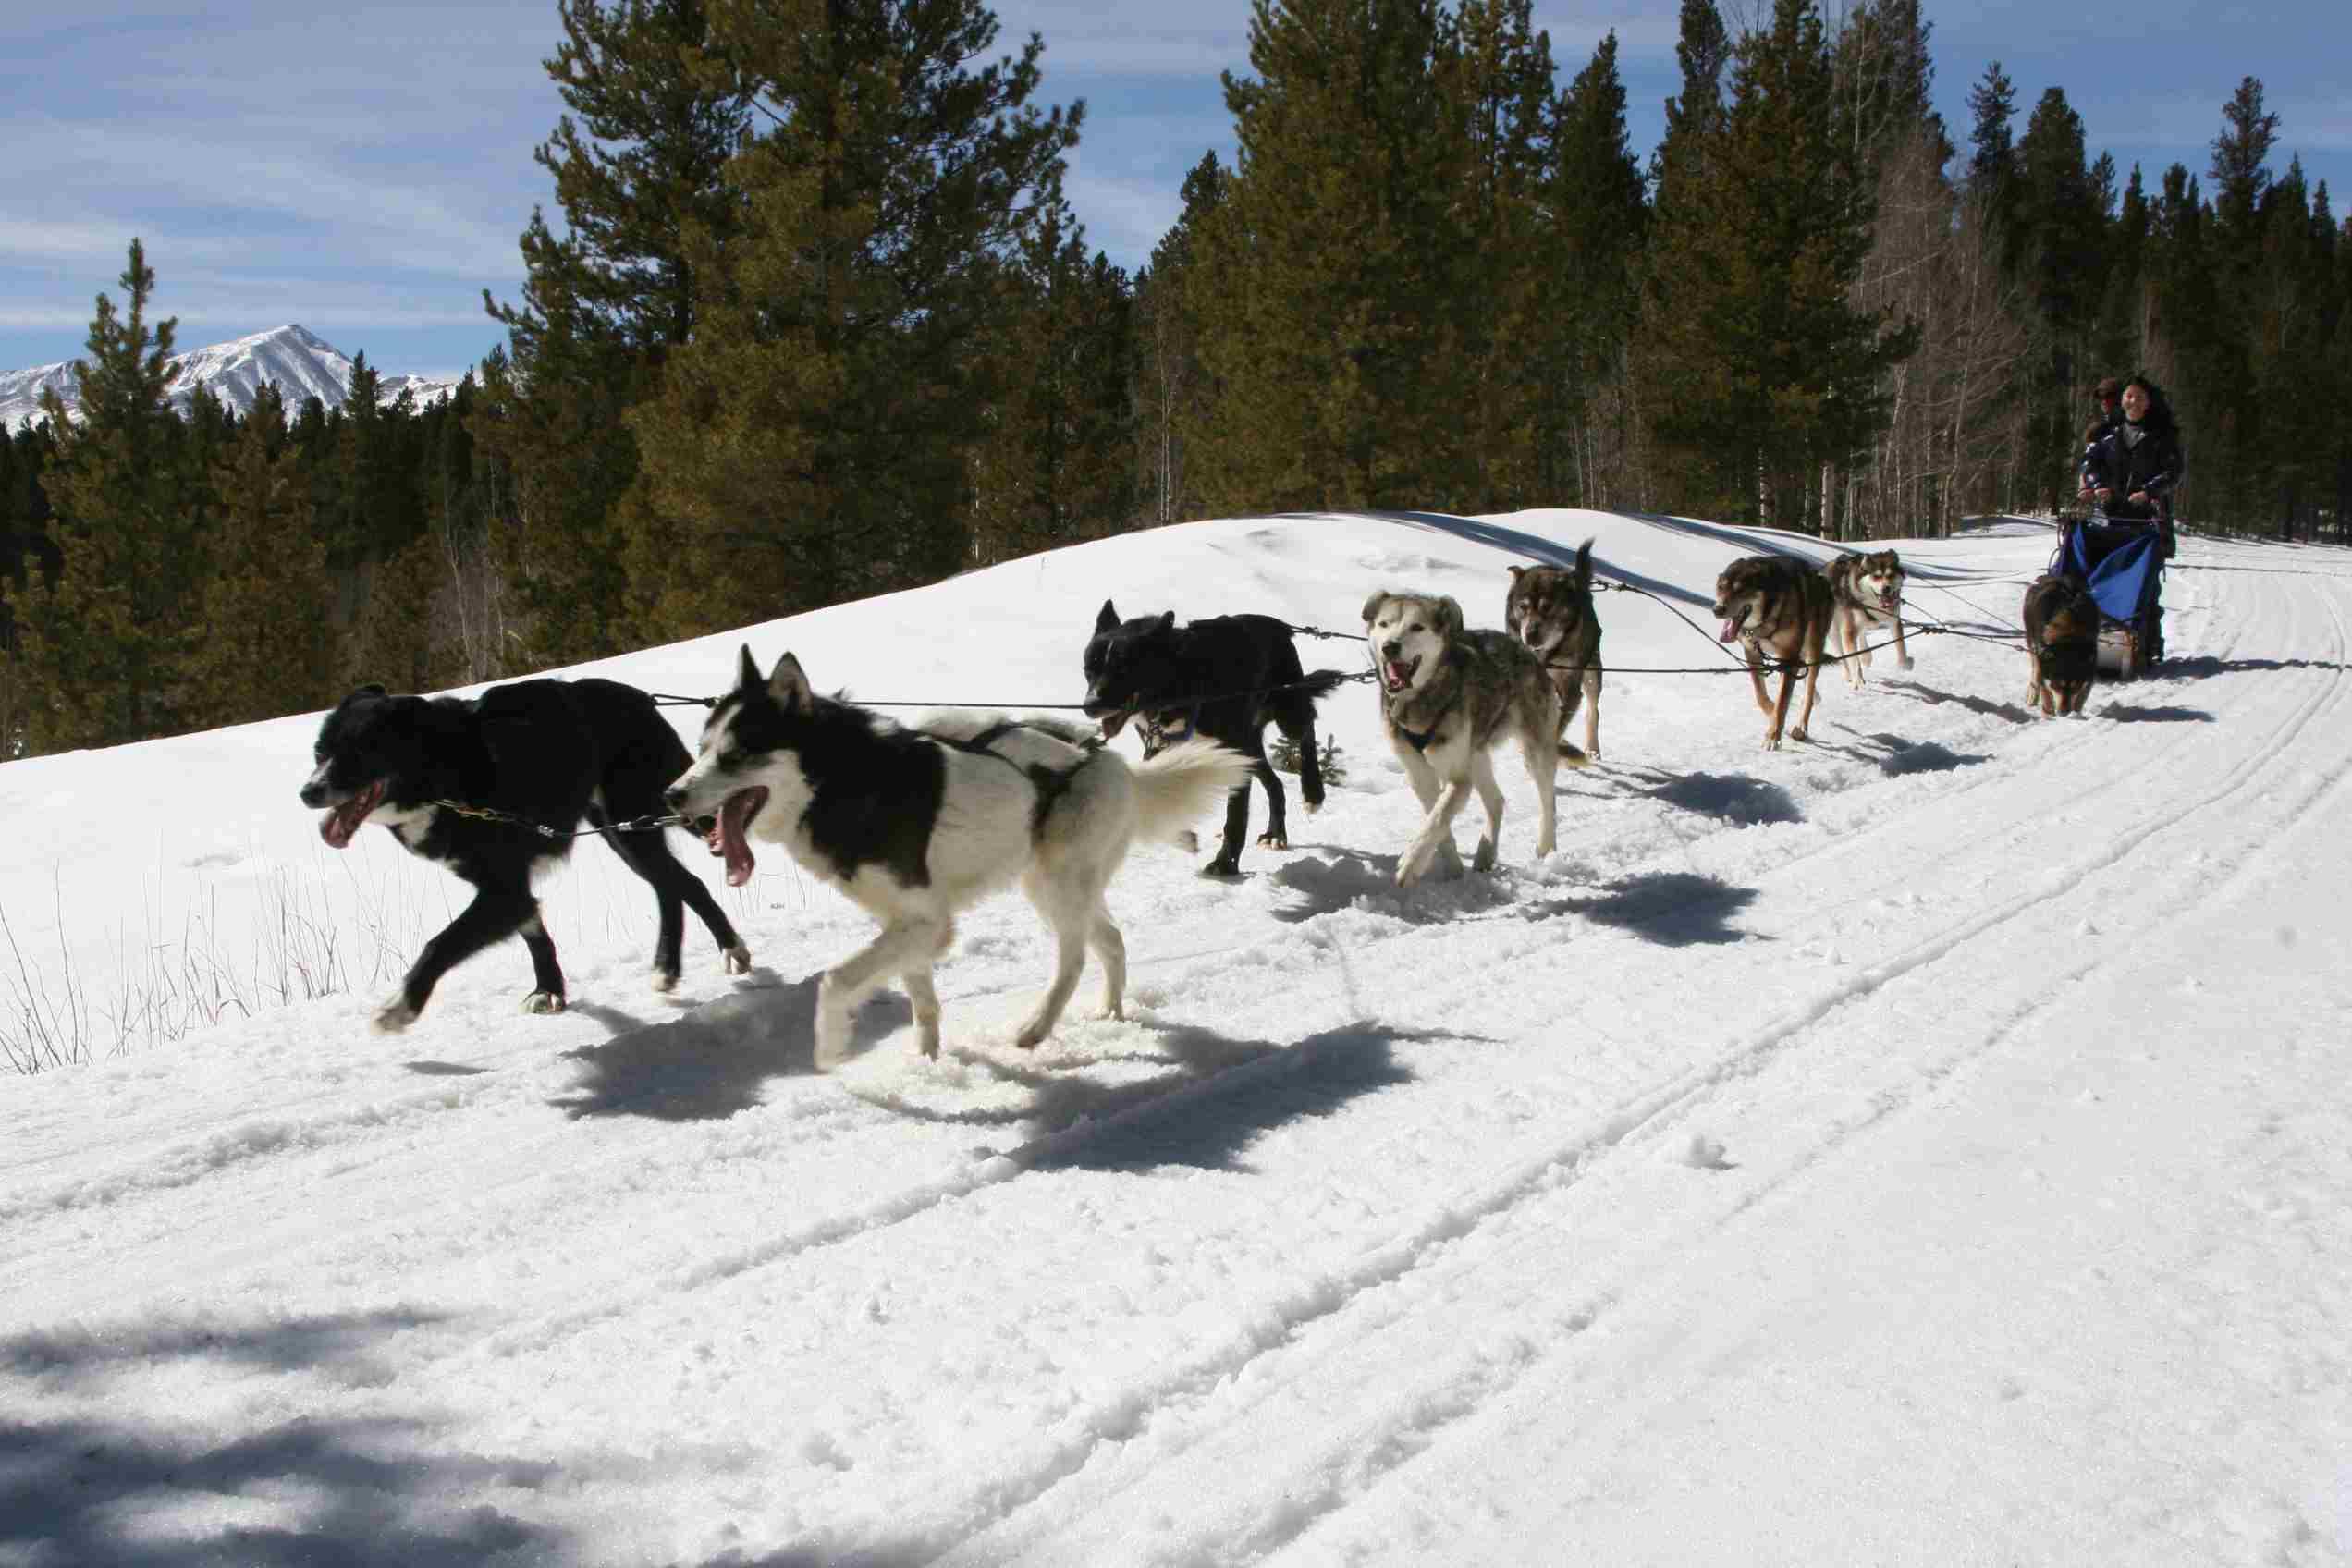 Dog sled tour organized by Park Hyatt Beaver Creek